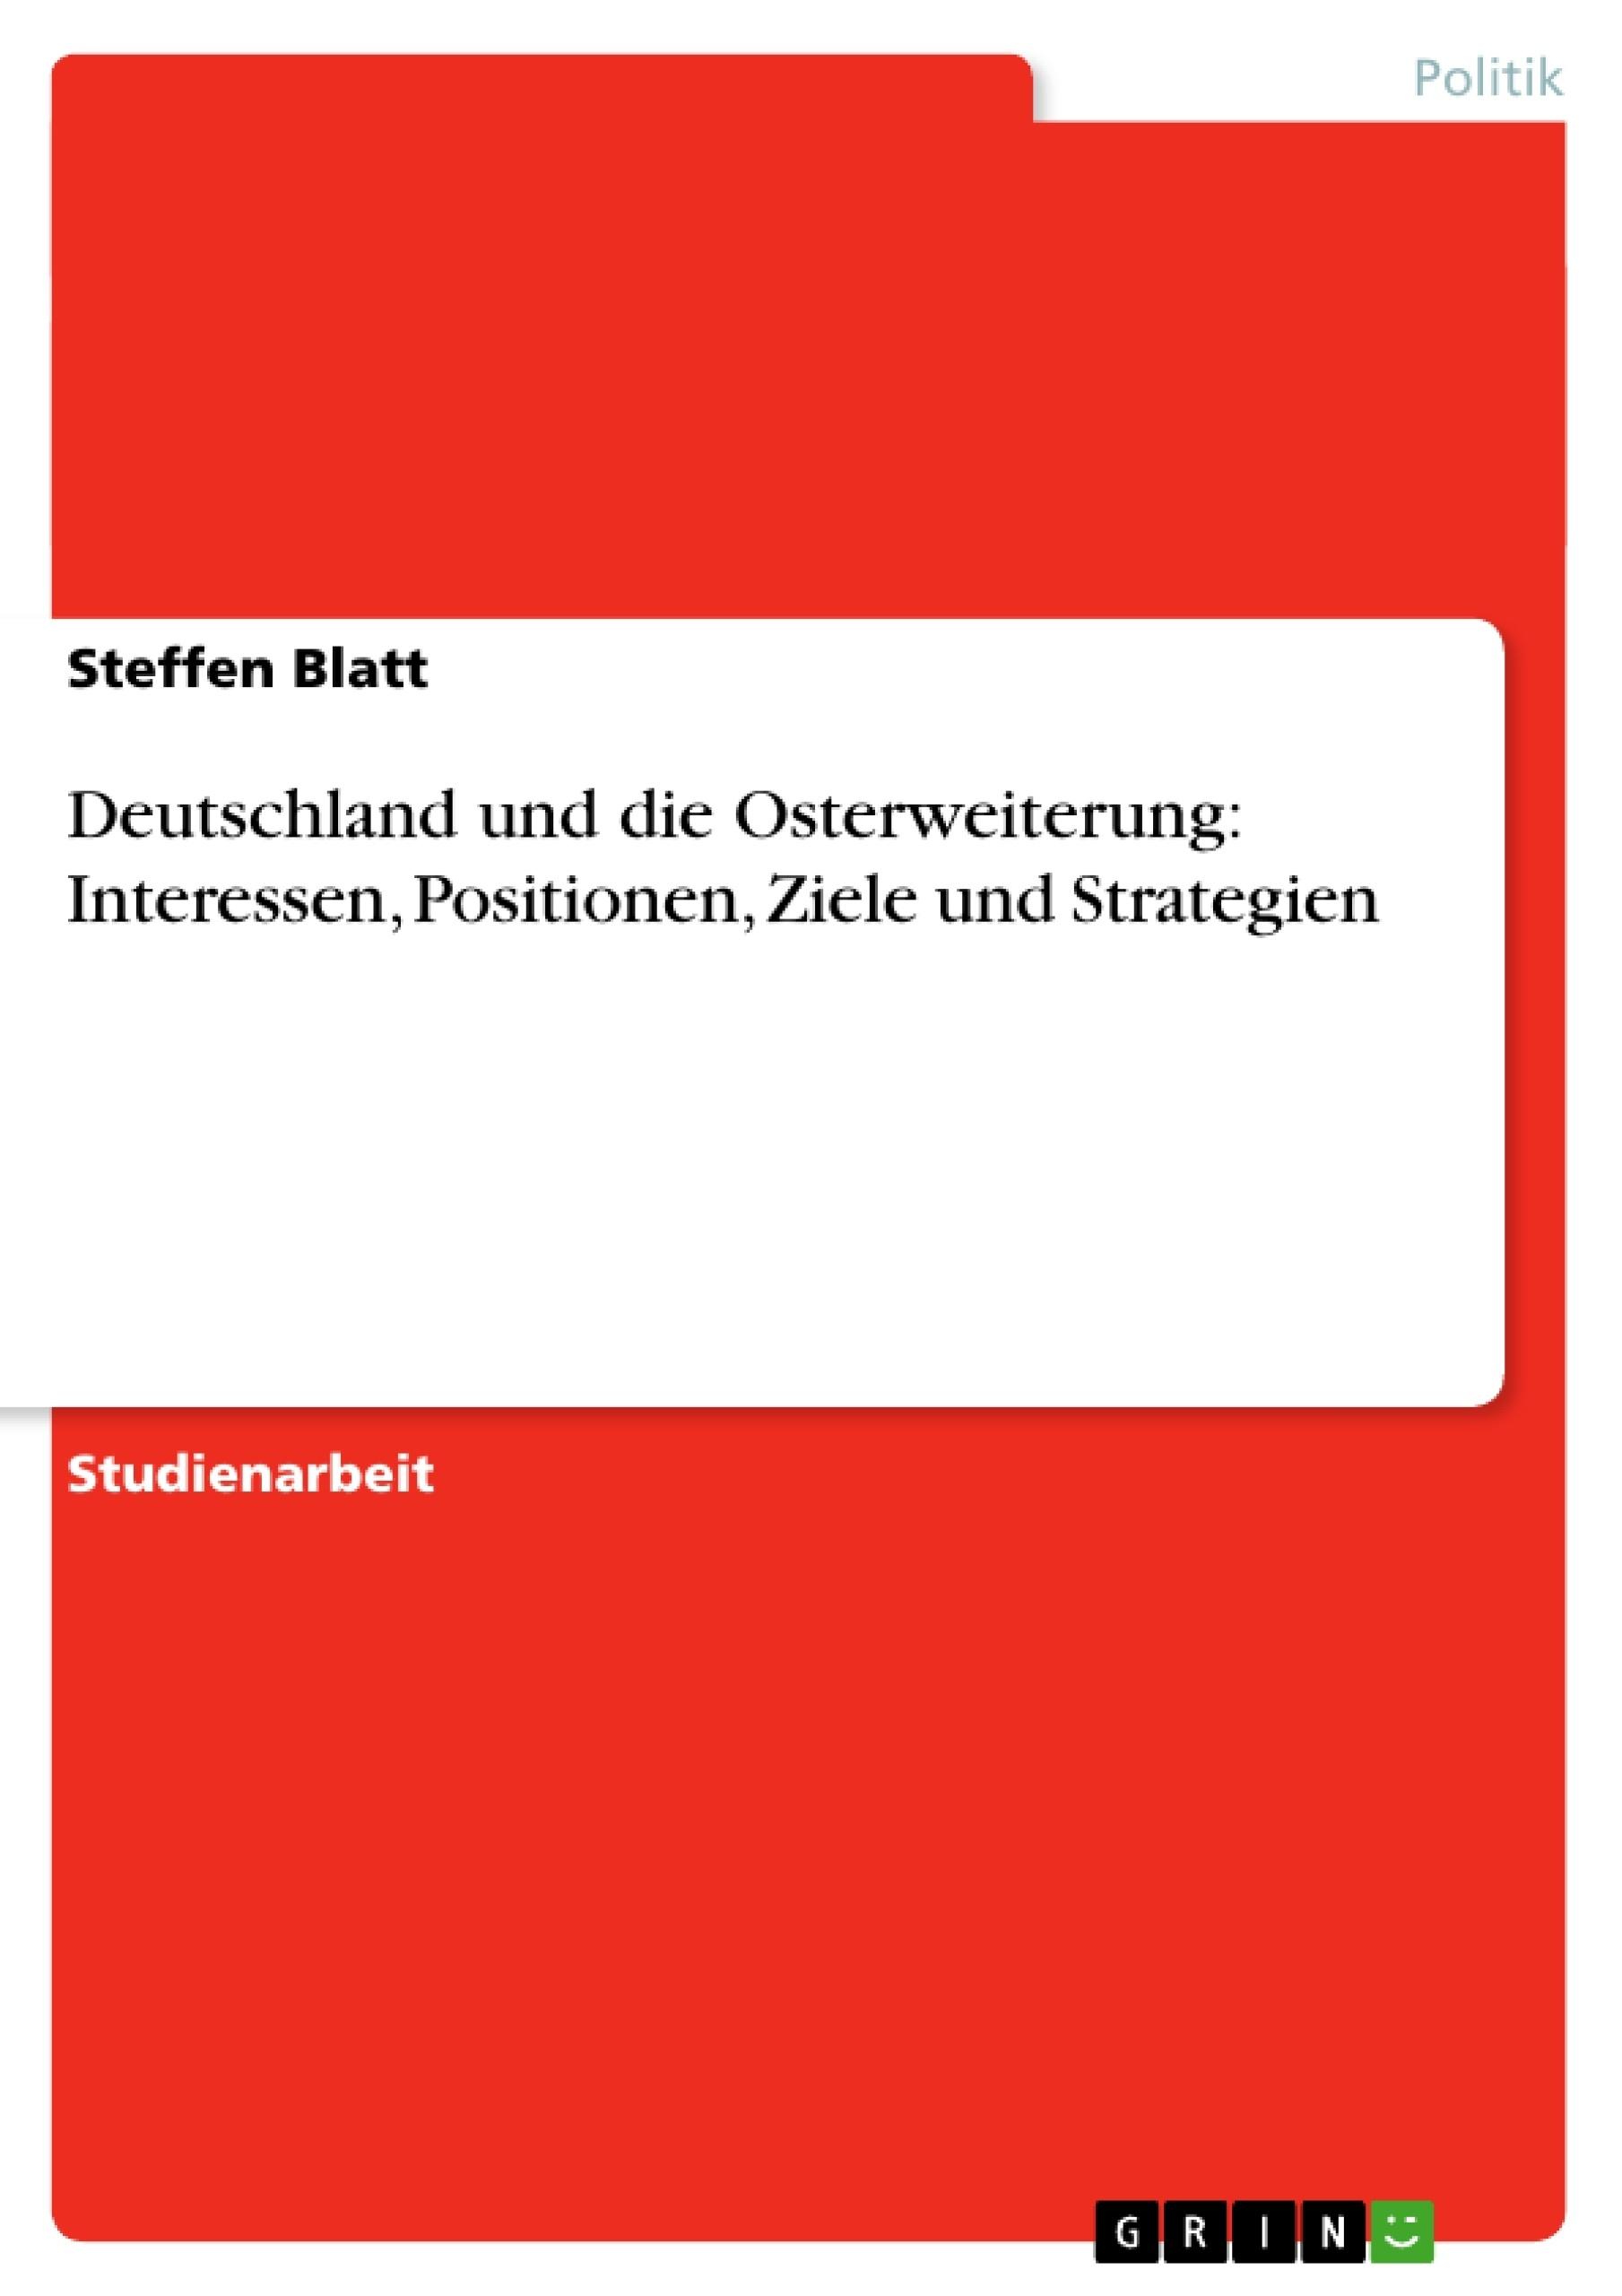 Titel: Deutschland und die Osterweiterung: Interessen, Positionen, Ziele und Strategien